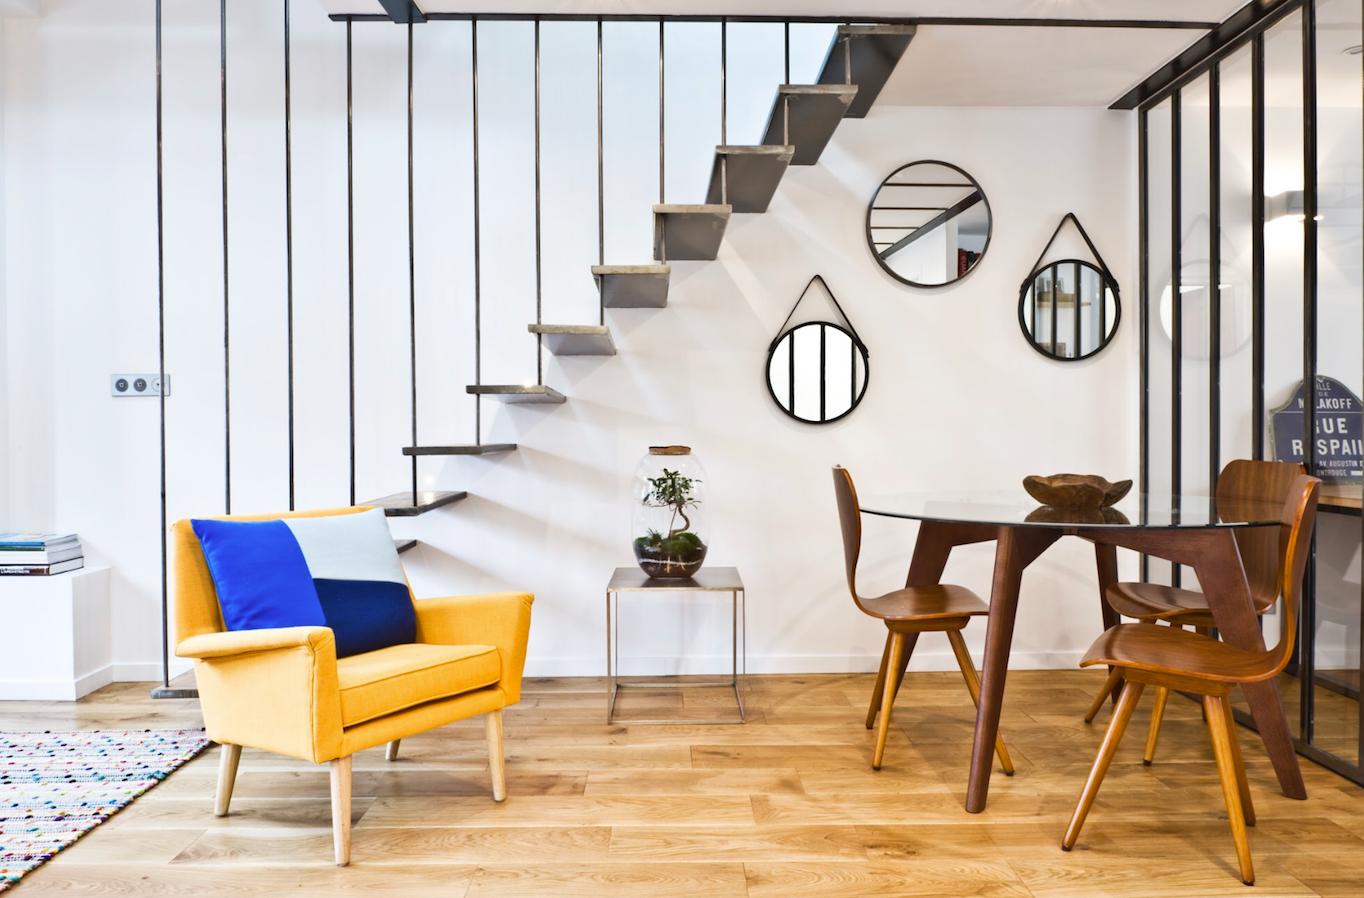 sacha elbaz i appartement belleville. Black Bedroom Furniture Sets. Home Design Ideas